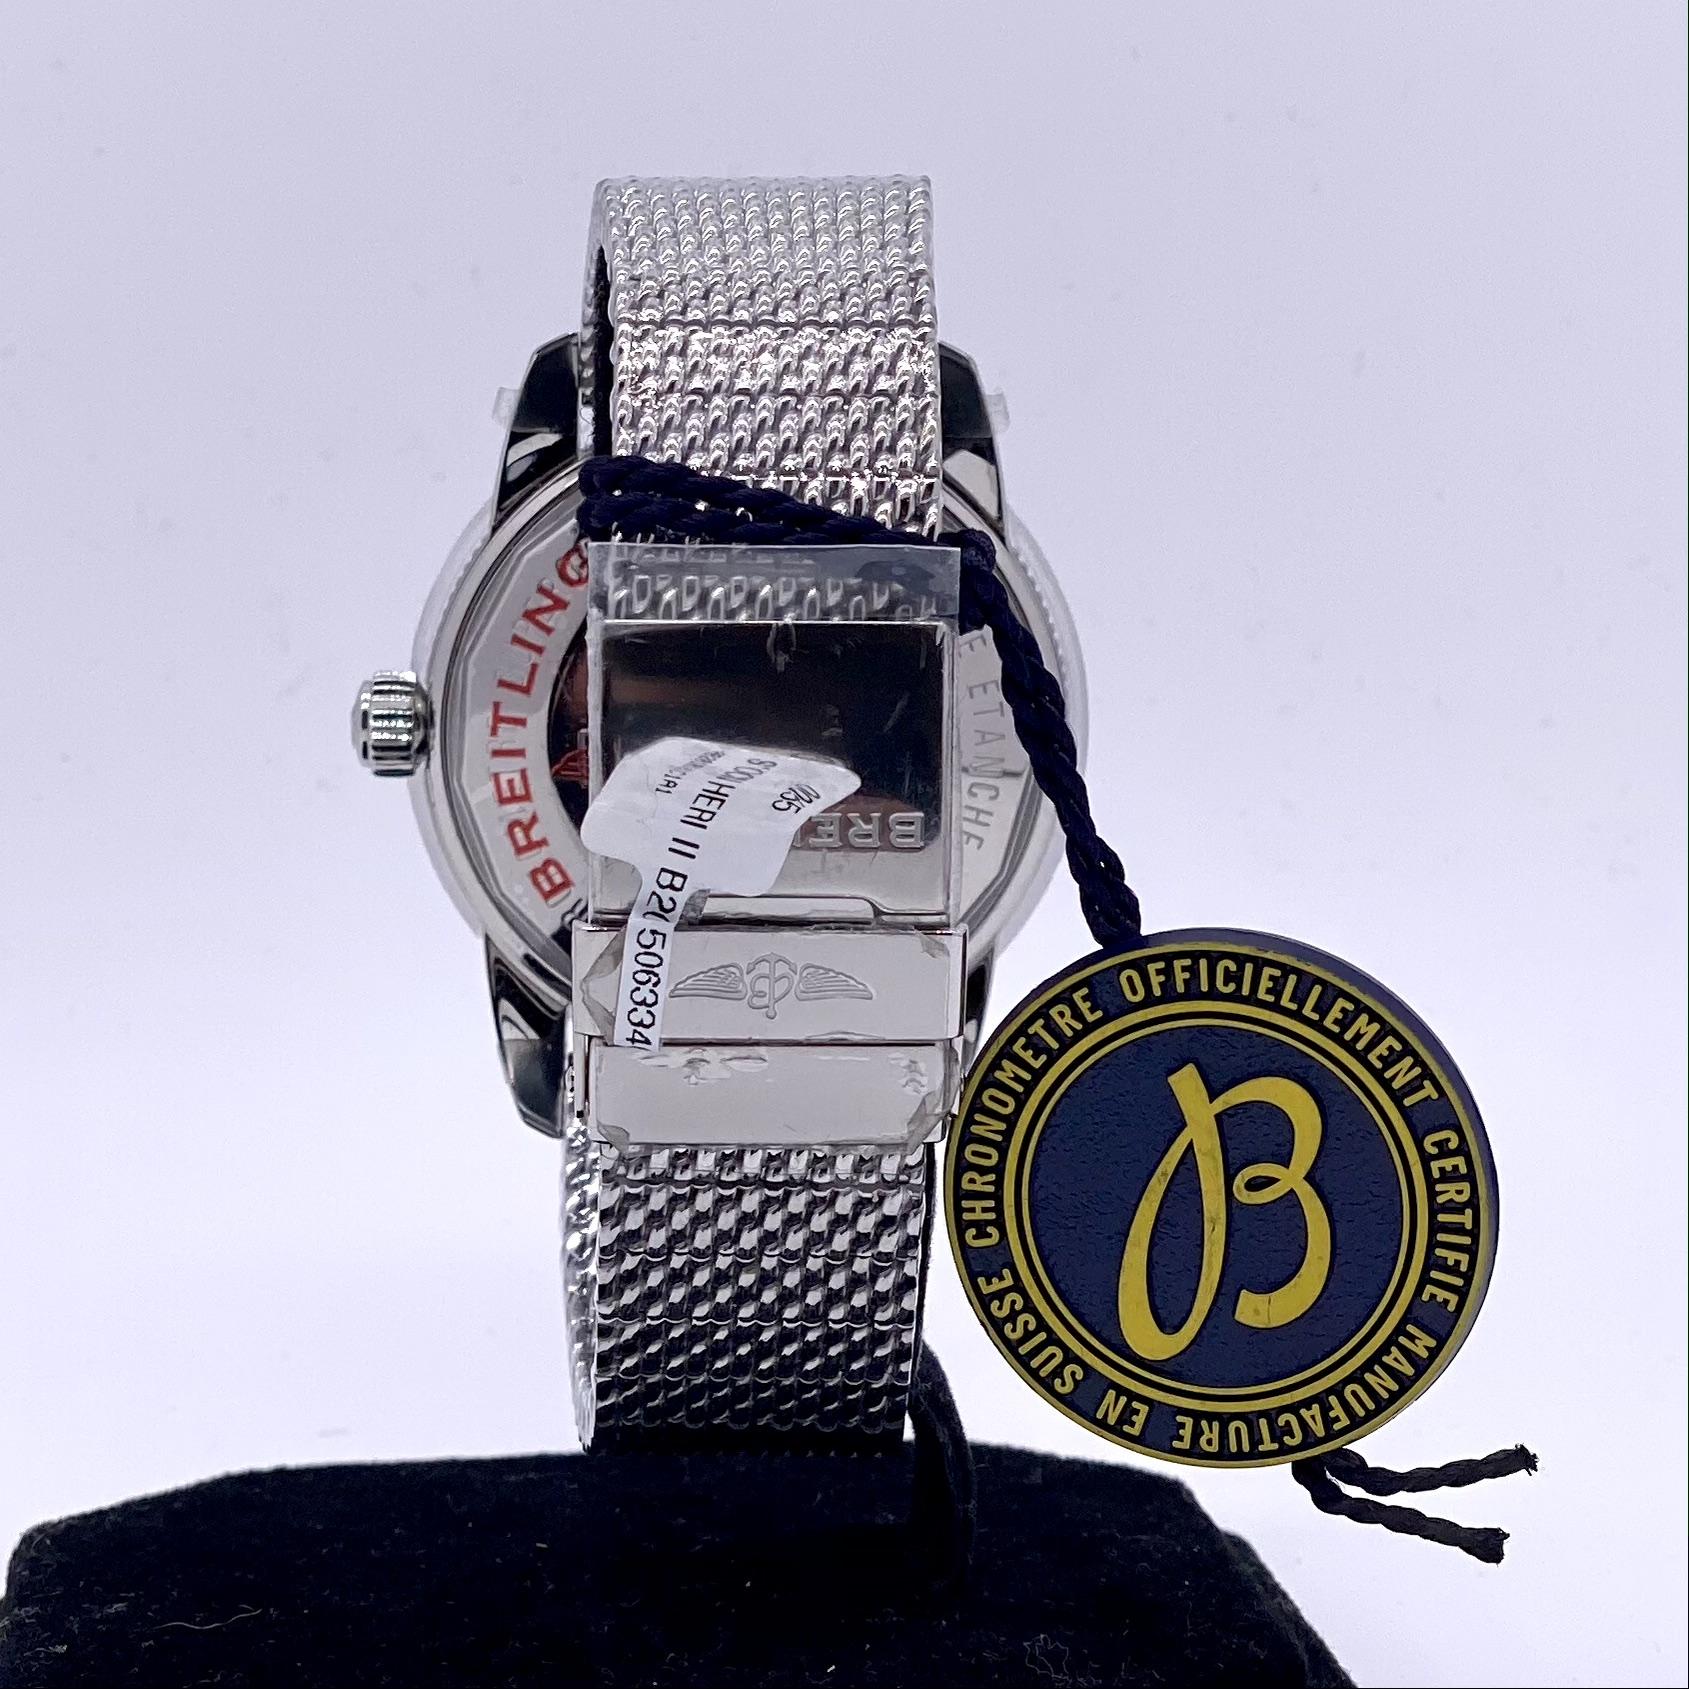 Breitling Super Ocean AB2011 - Image 3 of 3